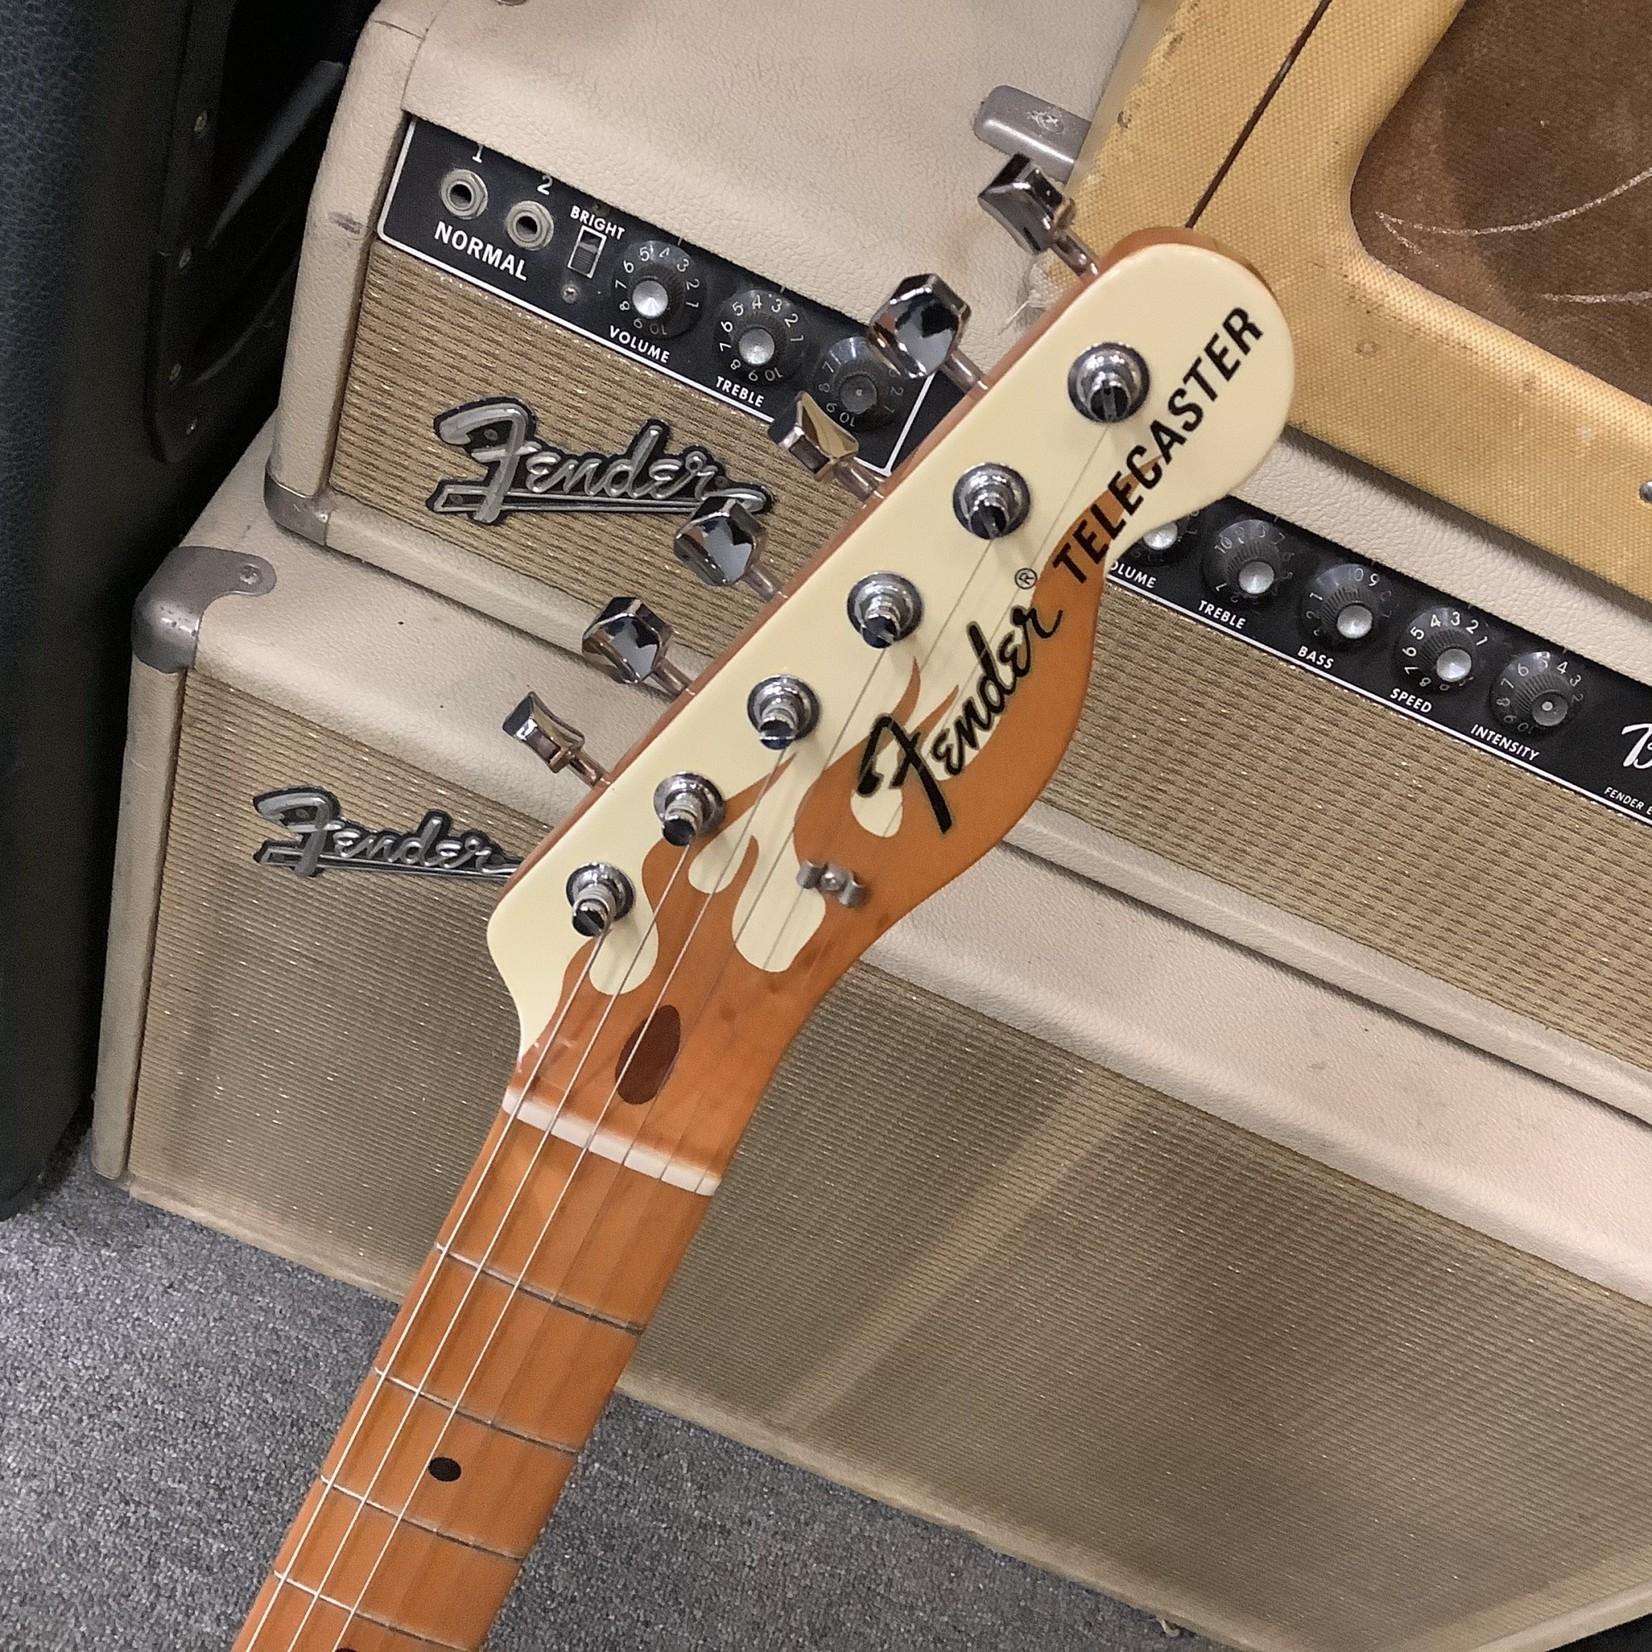 Gibson Fender MX Telecaster Thinline Custom Flames